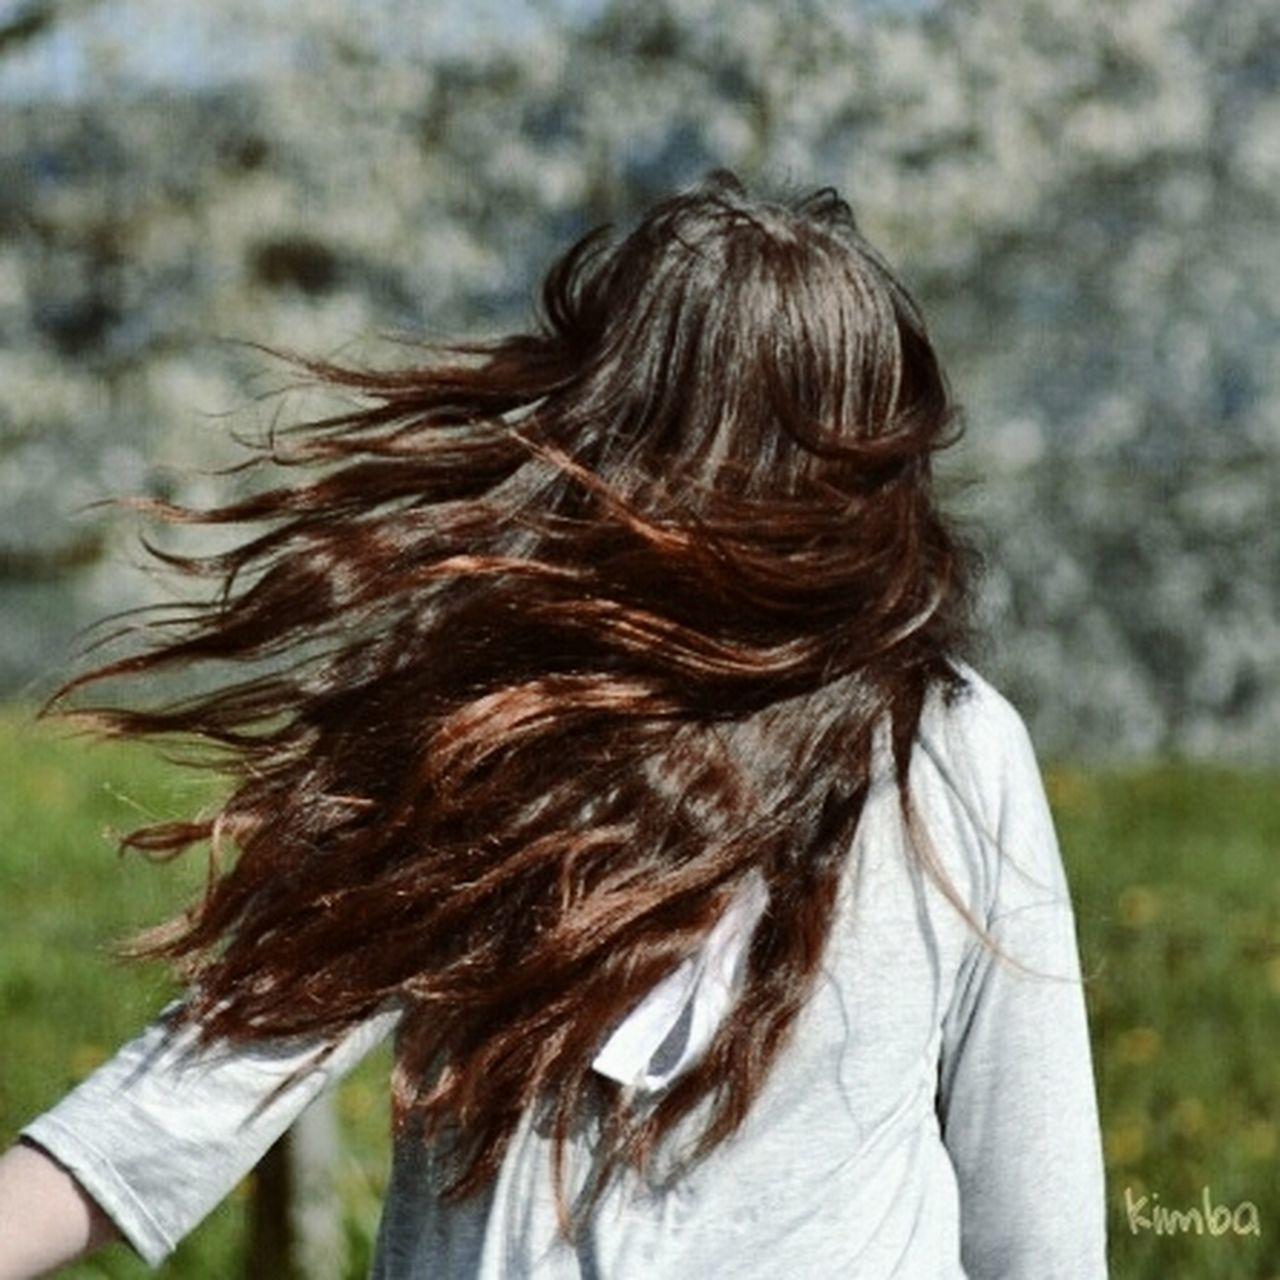 Hair Taking Photos Igers Relaxing Enjoying Life Igbest Iger Iggers EyeEm Best Shots Love ♥ Ignature Iggermany Igsuper_shotz Nature Nature Photography